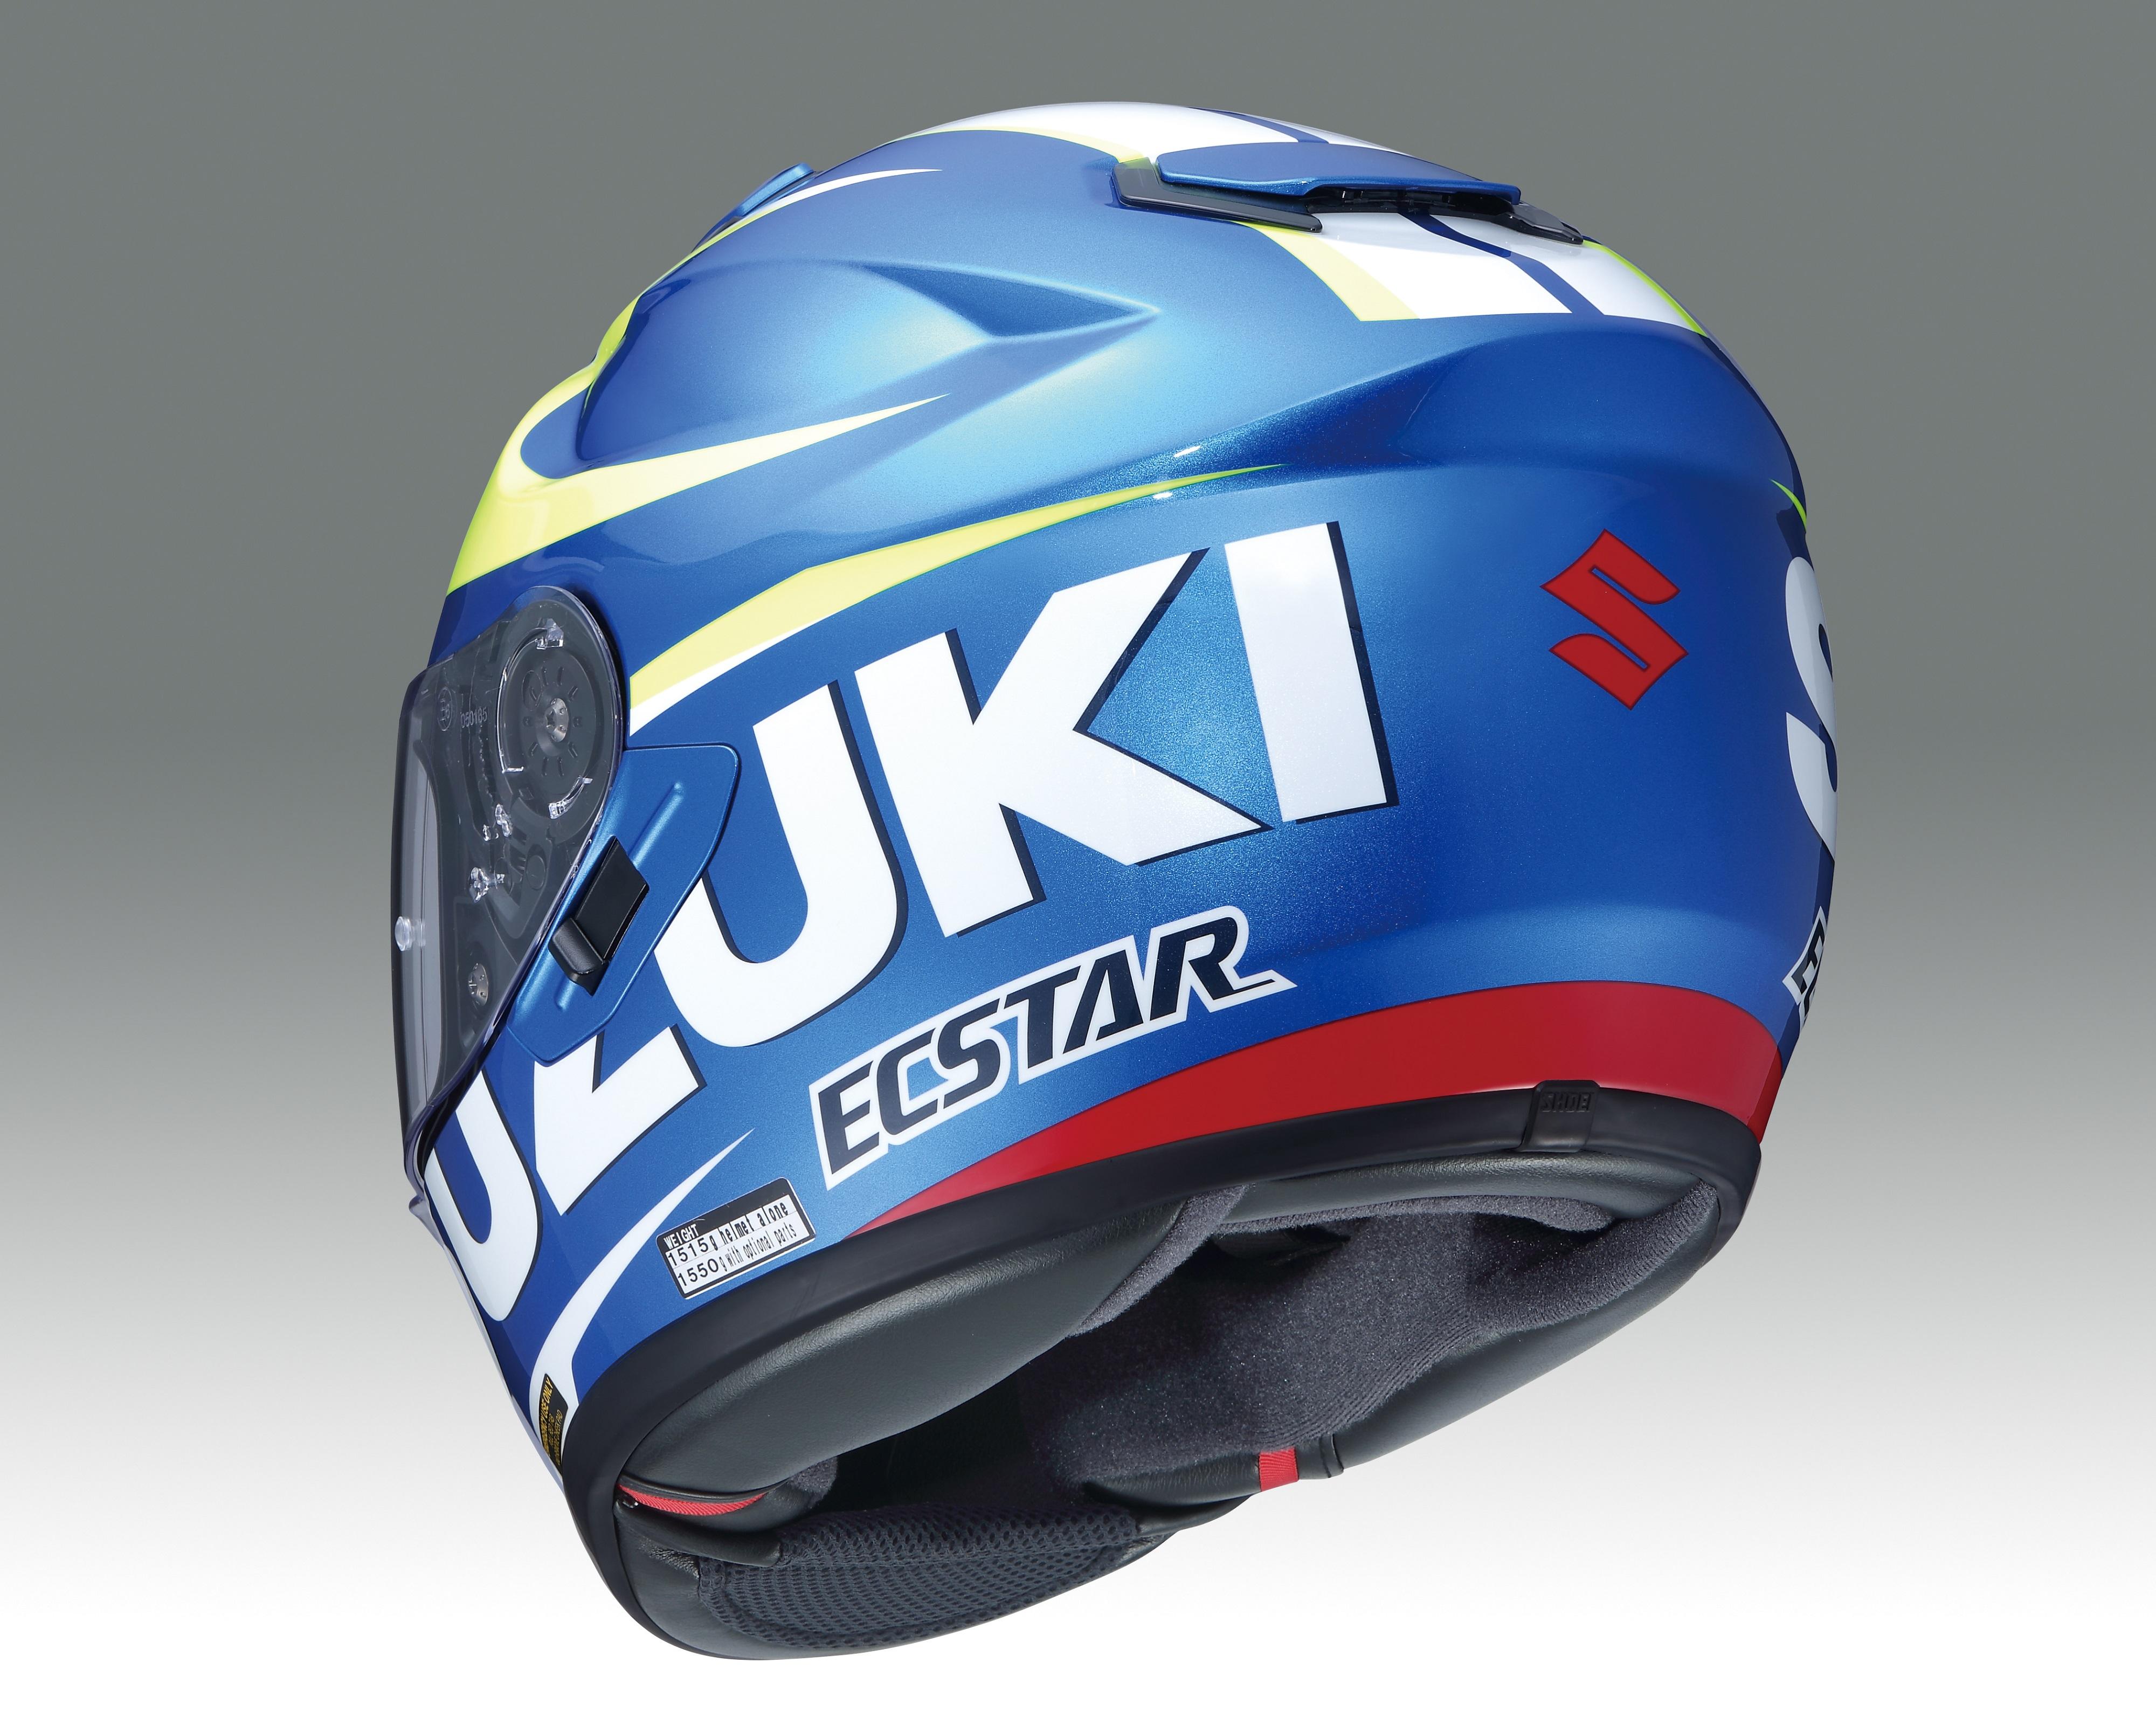 Suzuki Ecstar Price